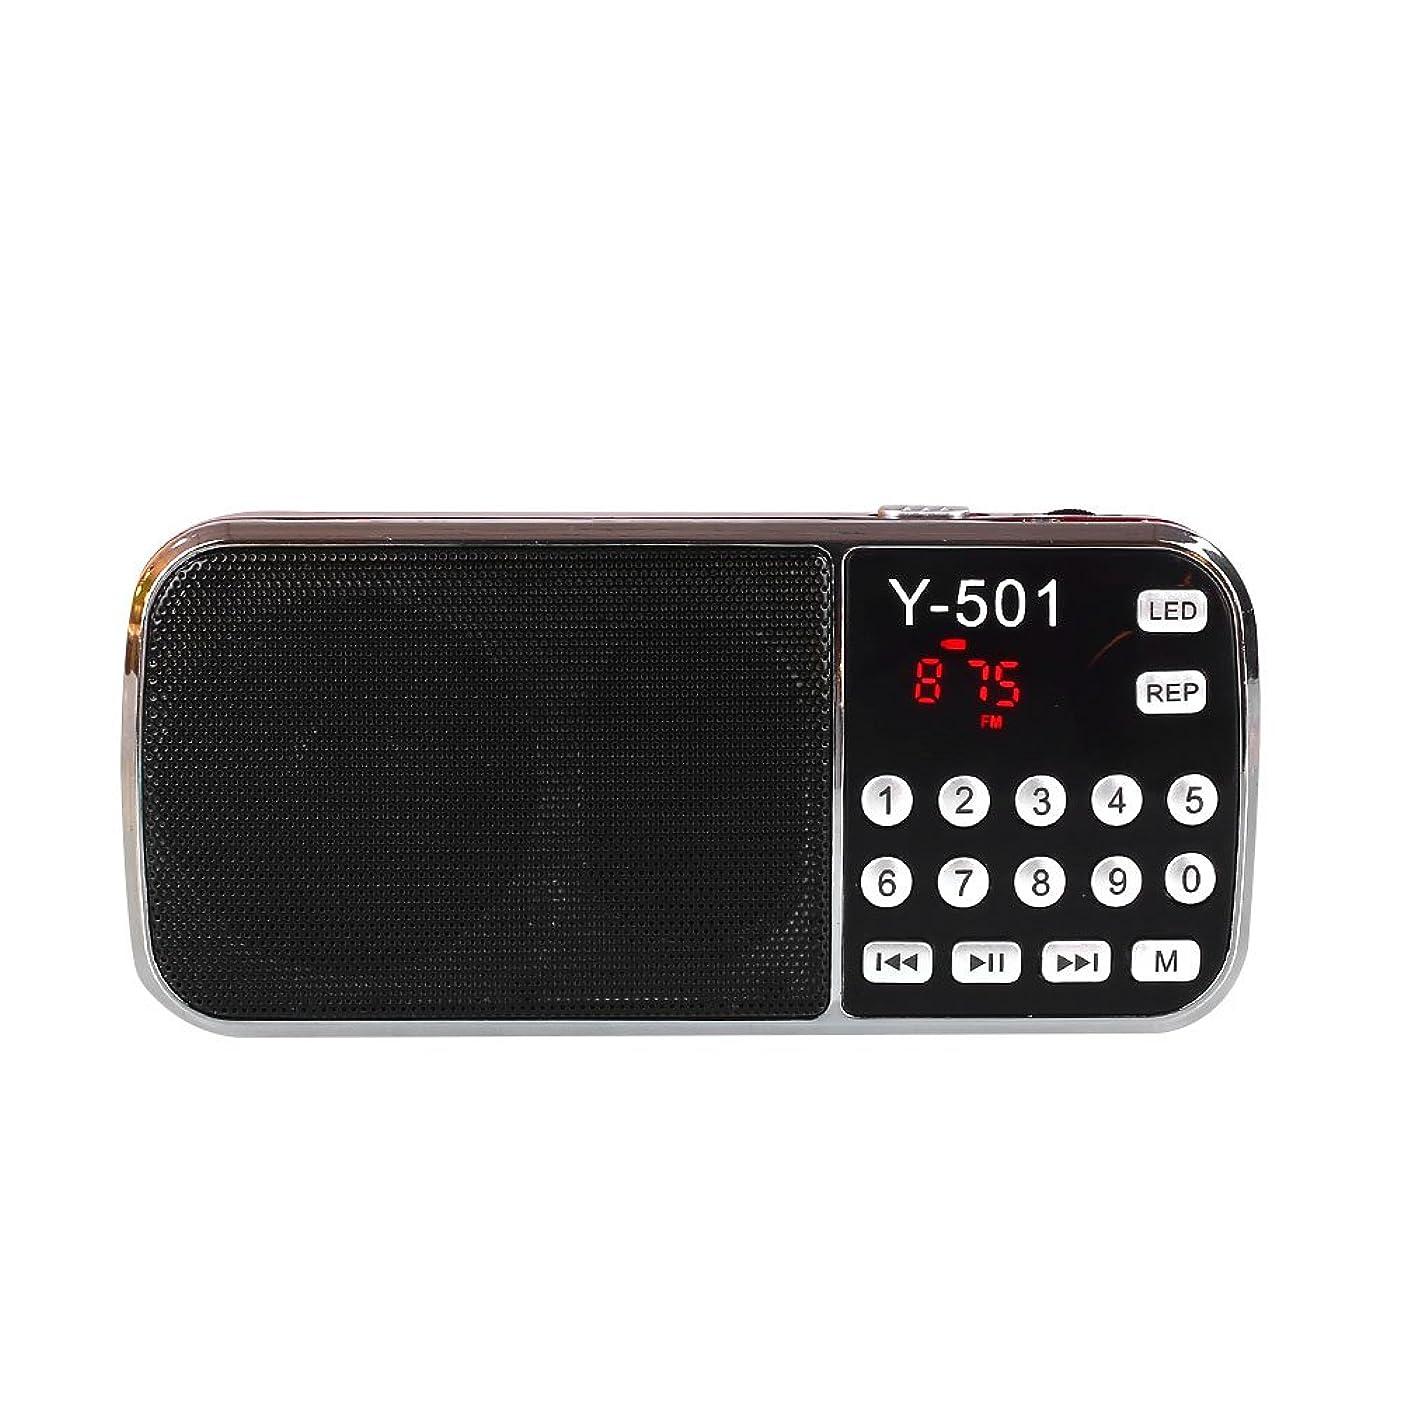 拡大するリーフレット交流するLeaftree ポケットパーソナルデジタルステレオFMラジオポータブルミニラジオ充電式スピーカー(懐中電灯TF USB AUX付き)